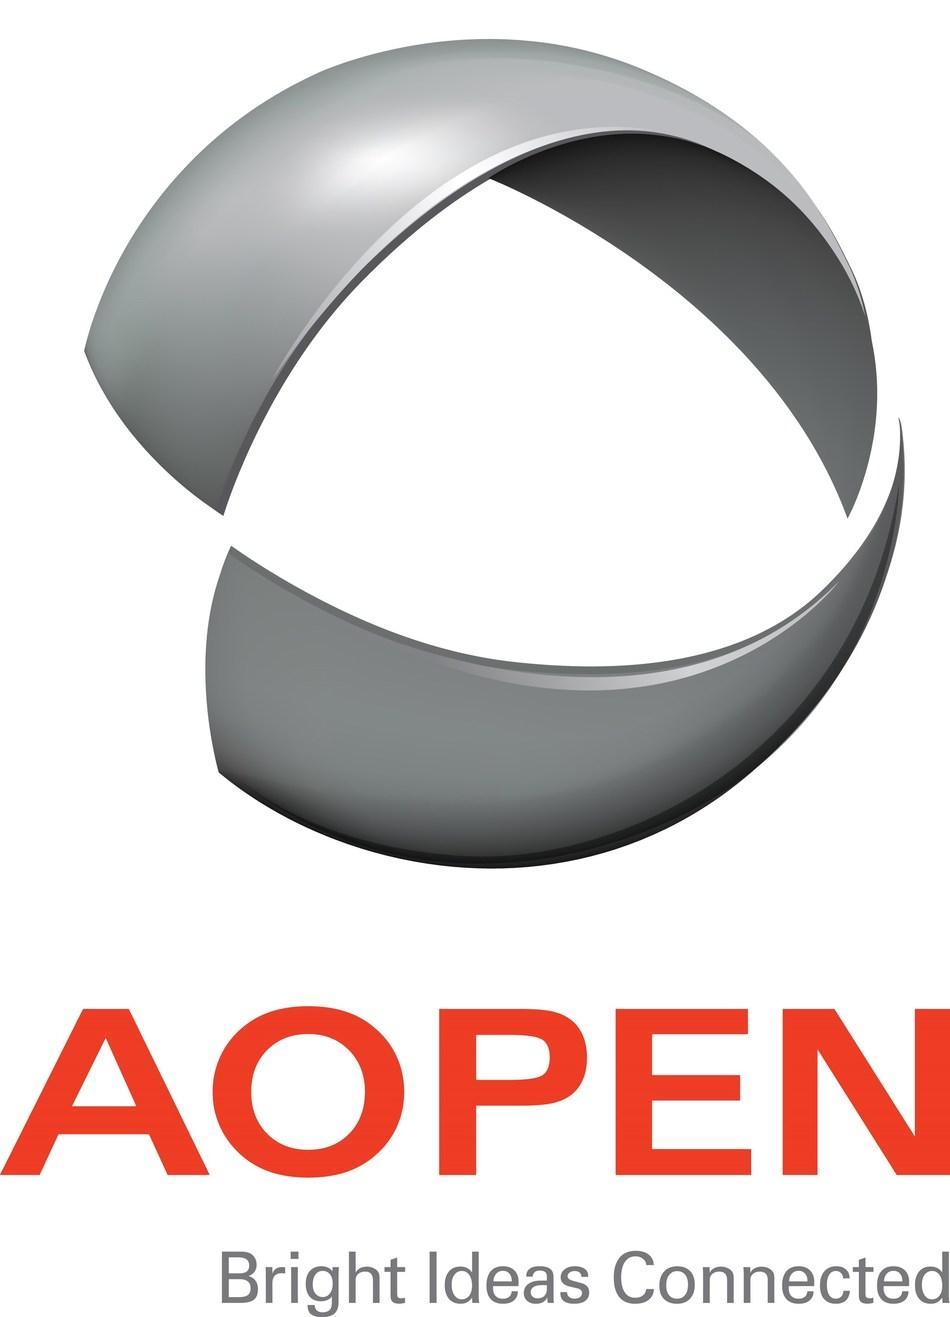 (PRNewsFoto/AOPEN)